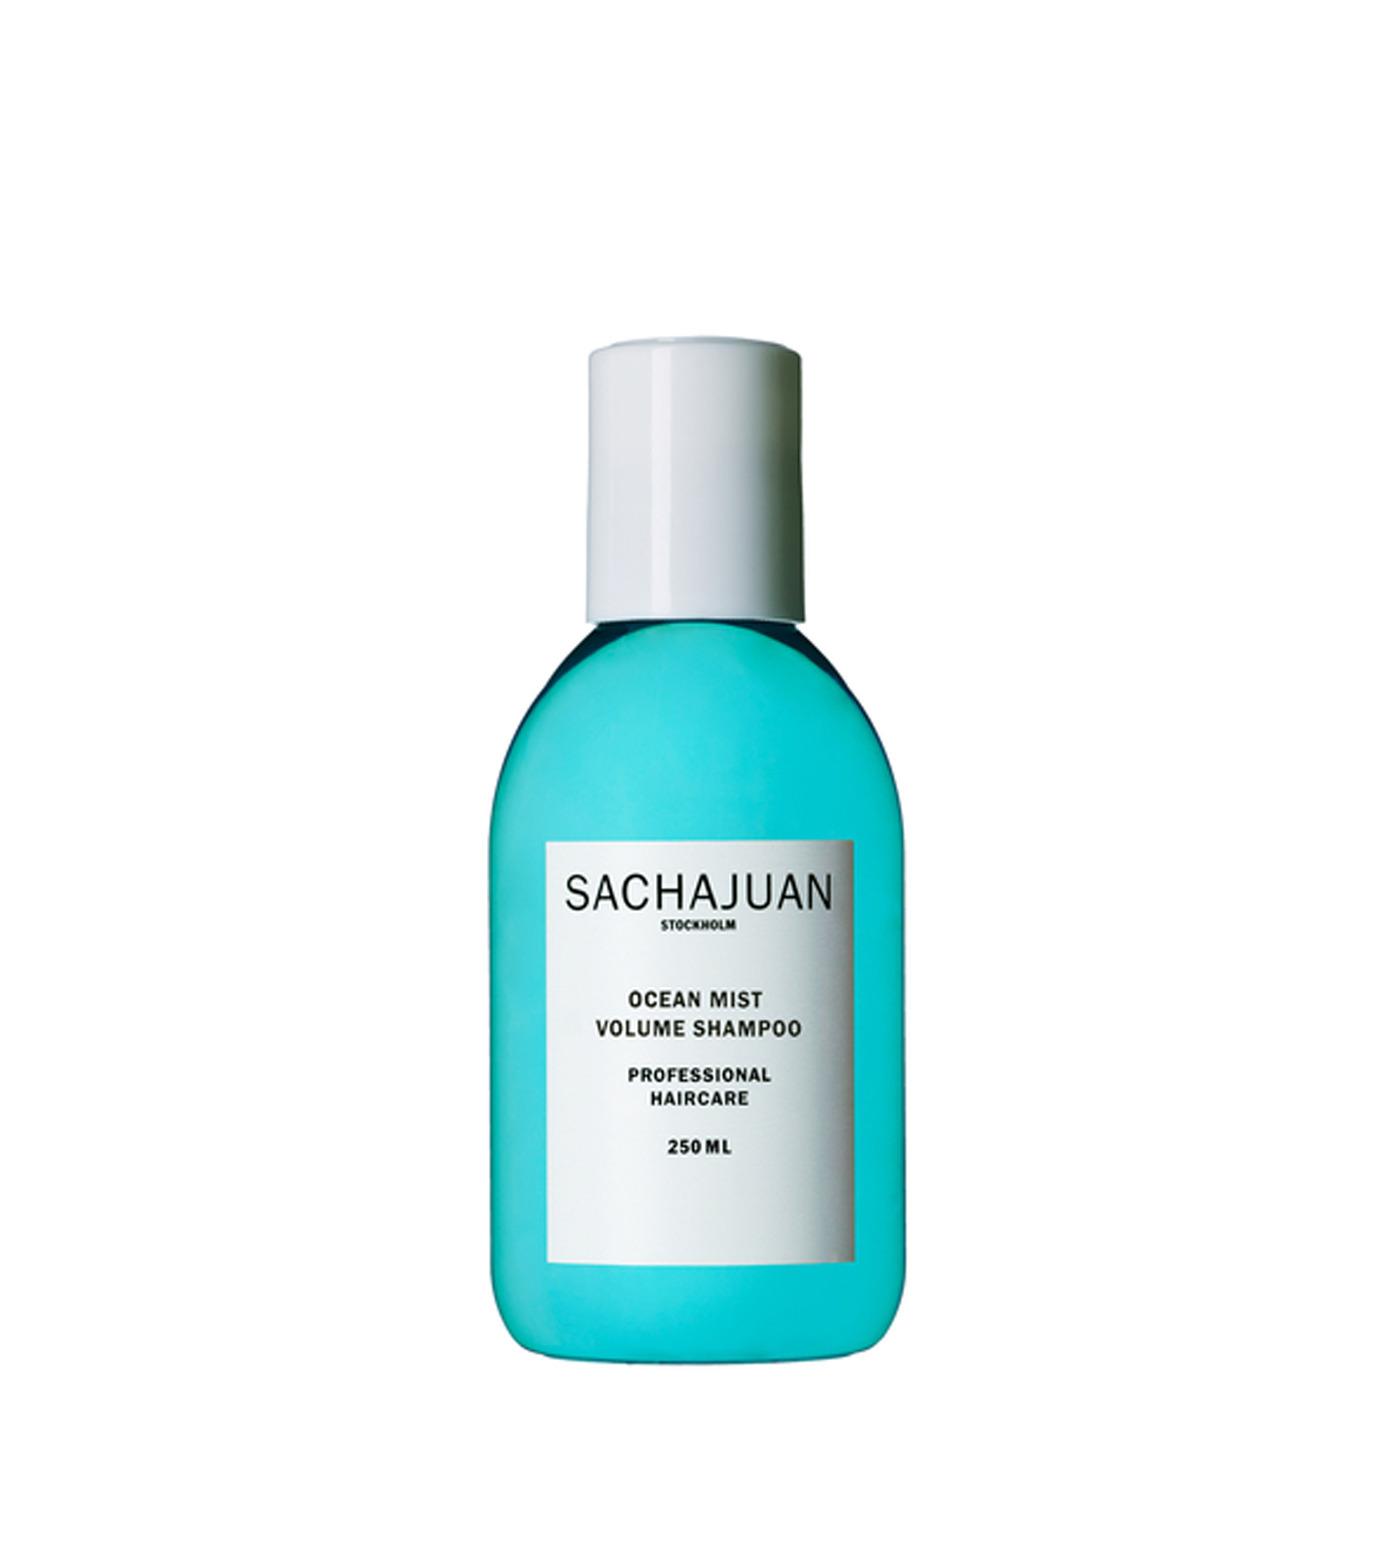 SACHAJUAN(サシャワン)のOcean Mist Volume Shampoo 250ml-WHITE(HAIR-CARE/HAIR-CARE)-175-4 拡大詳細画像1